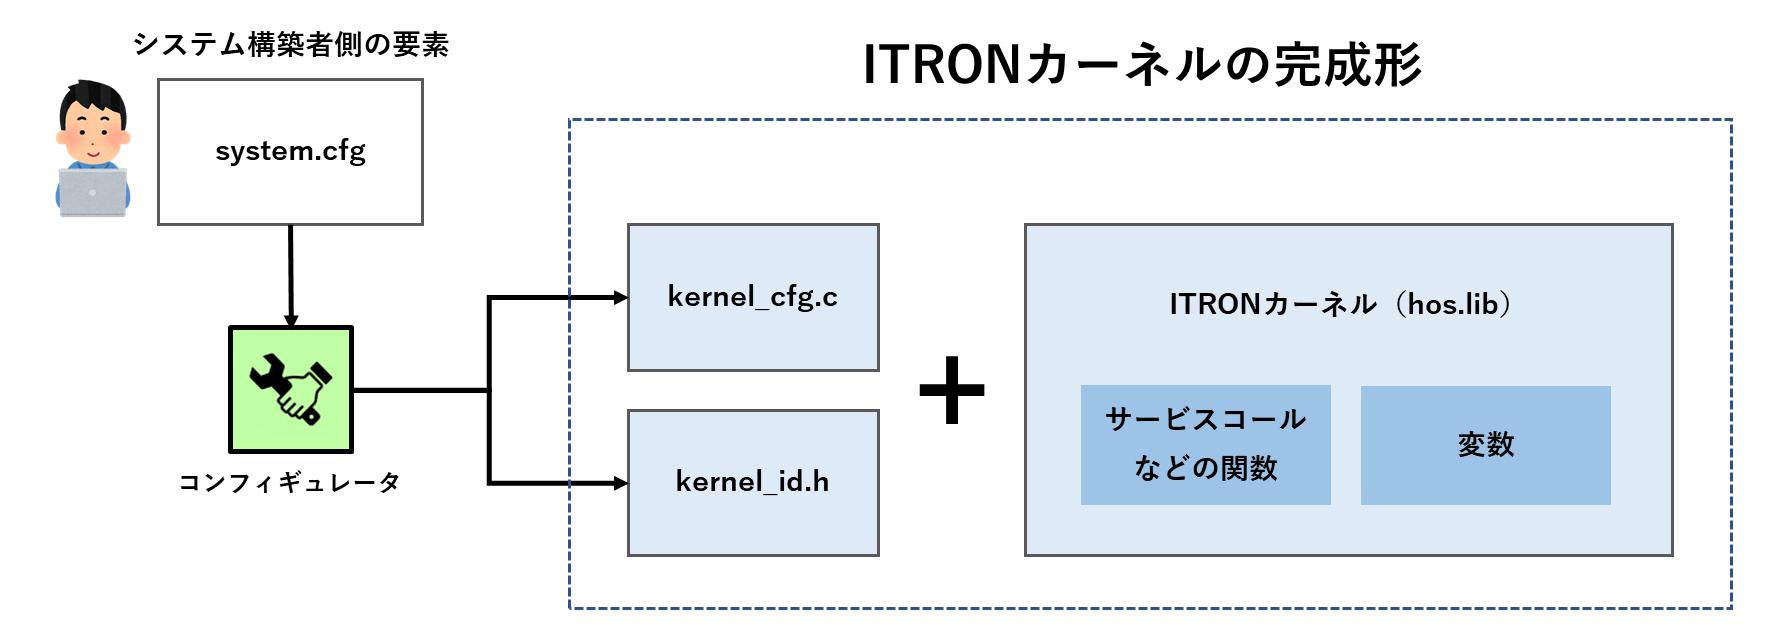 kernelファイルの位置づけ